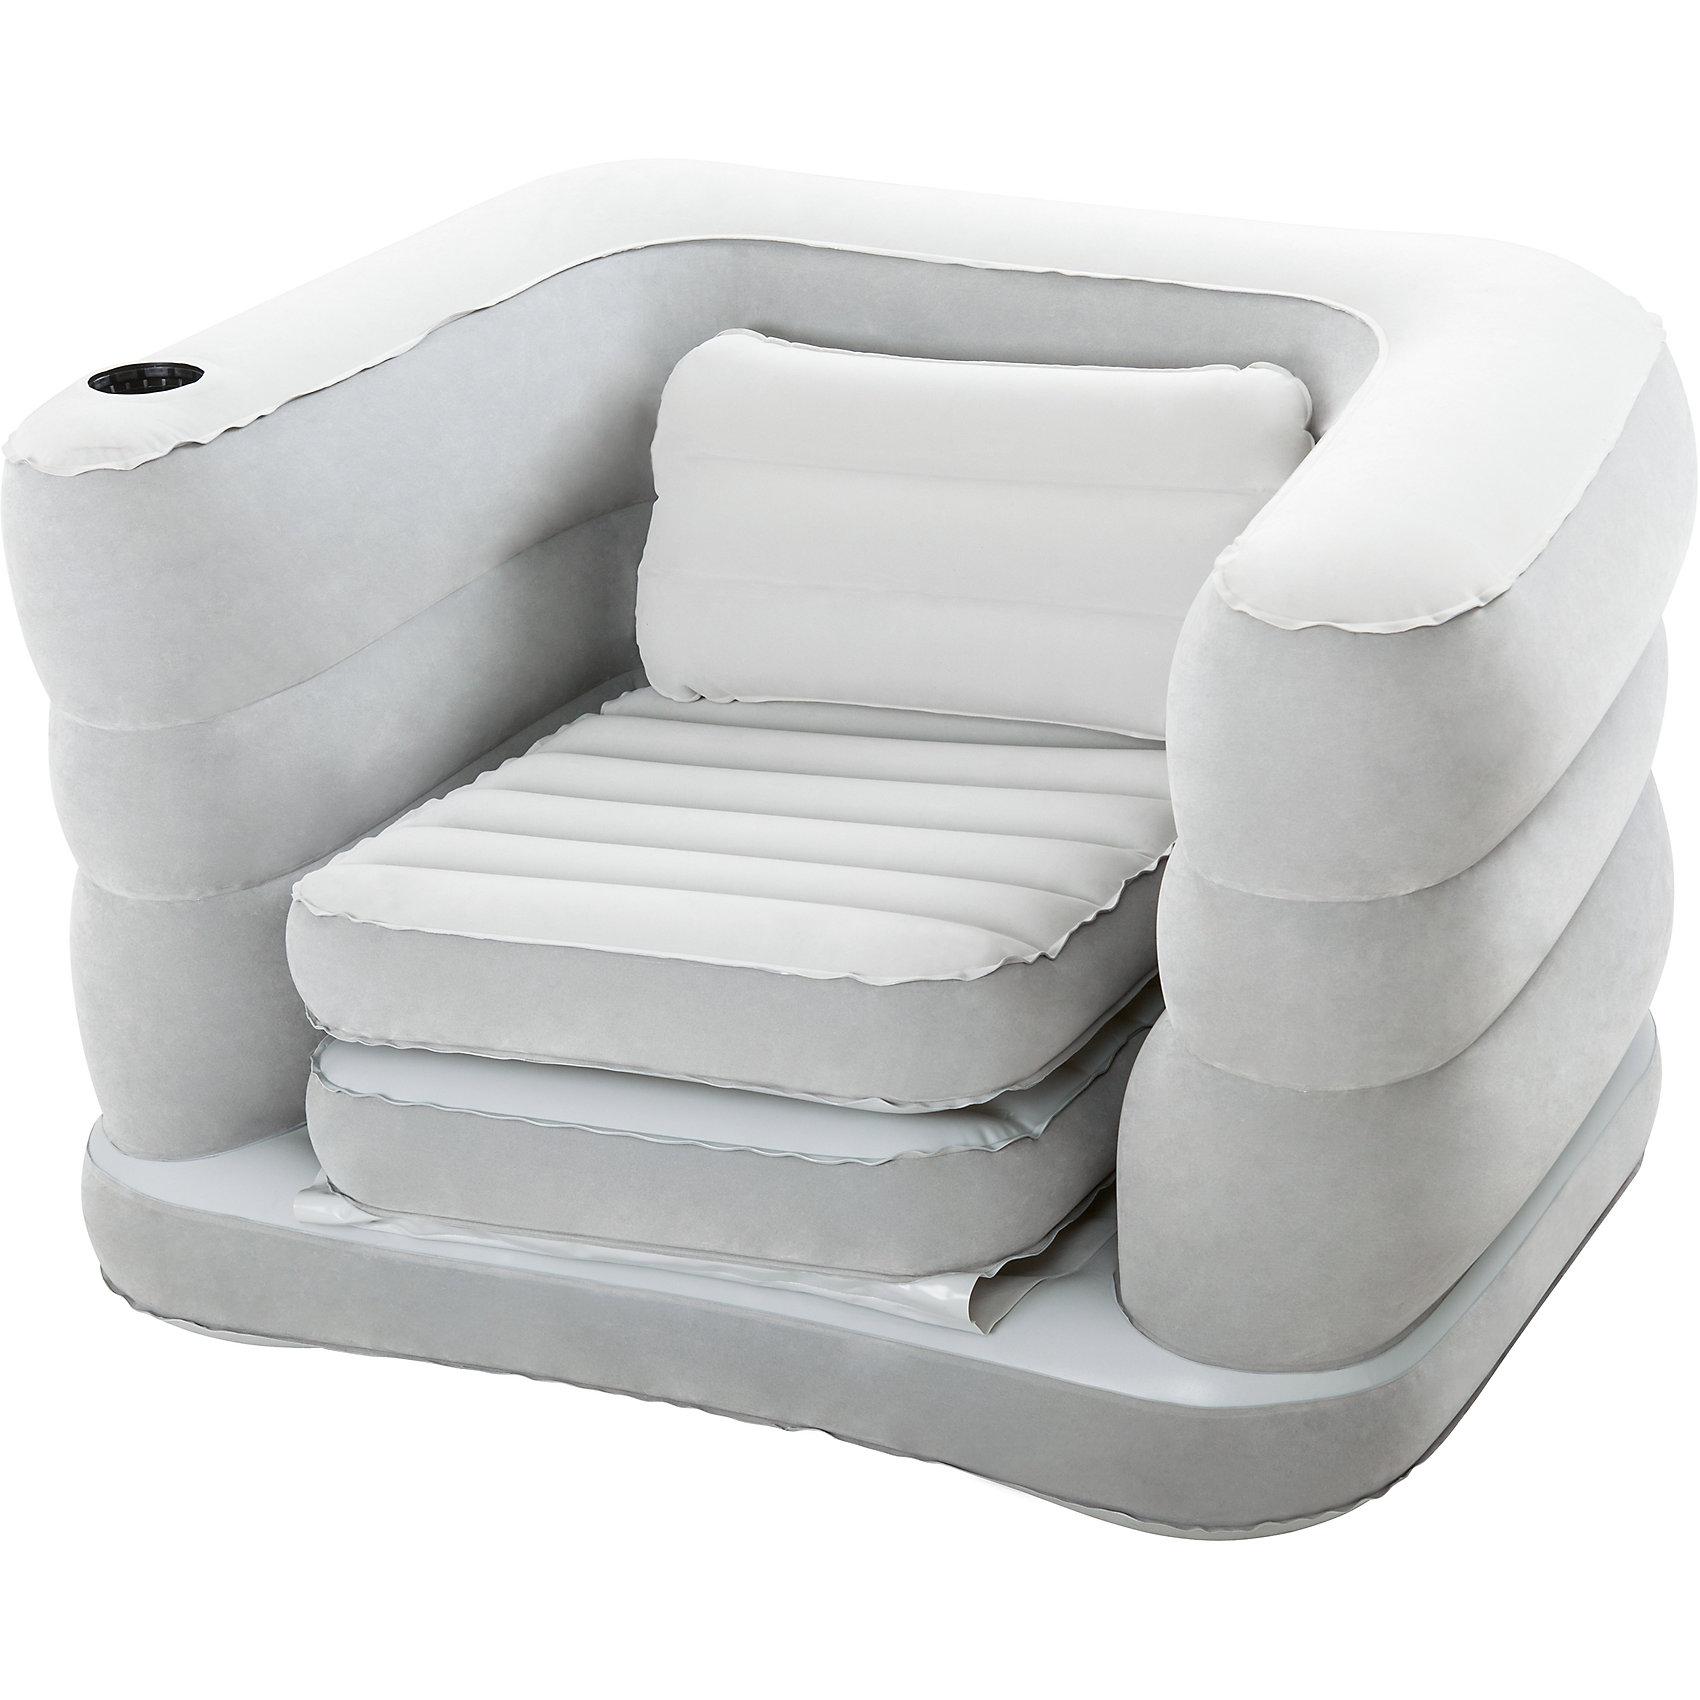 Кресло-кровать надувное, BestwayМебель<br>Кресло-кровать надувное, Bestway (Бествей)<br><br>Характеристики:<br><br>• стильное кресло легко трансформируется в кровать<br>• не деформируется под весом тела<br>• компактно в сложенном виде<br>• мягкое покрытие<br>• подходит для любых насосов<br>• размер: 200х102х64 см<br>• материал: винил<br>• вес: 4,7 кг<br><br>Кресло-кровать Bestway - универсальная надувная мебель, которая поможет вам сэкономить пространство в доме при необходимости. Кресло быстро надувается любым видом насосов и быстро трансформируется в удобную кровать. Специальная технология не позволяет внутренним перегородкам деформироваться под весом тела. Это придает креслу необходимую упругость и устойчивость. Модель выполнена из высококачественного винила с флокированным покрытием. Белье не будет соскальзывать, а приятный на ощупь материал порадует вас своей мягкостью.<br><br>Кресло-кровать надувное, Bestway (Бествей) вы можете купить в нашем интернет-магазине.<br><br>Ширина мм: 410<br>Глубина мм: 360<br>Высота мм: 410<br>Вес г: 4704<br>Возраст от месяцев: 72<br>Возраст до месяцев: 2147483647<br>Пол: Унисекс<br>Возраст: Детский<br>SKU: 5486967